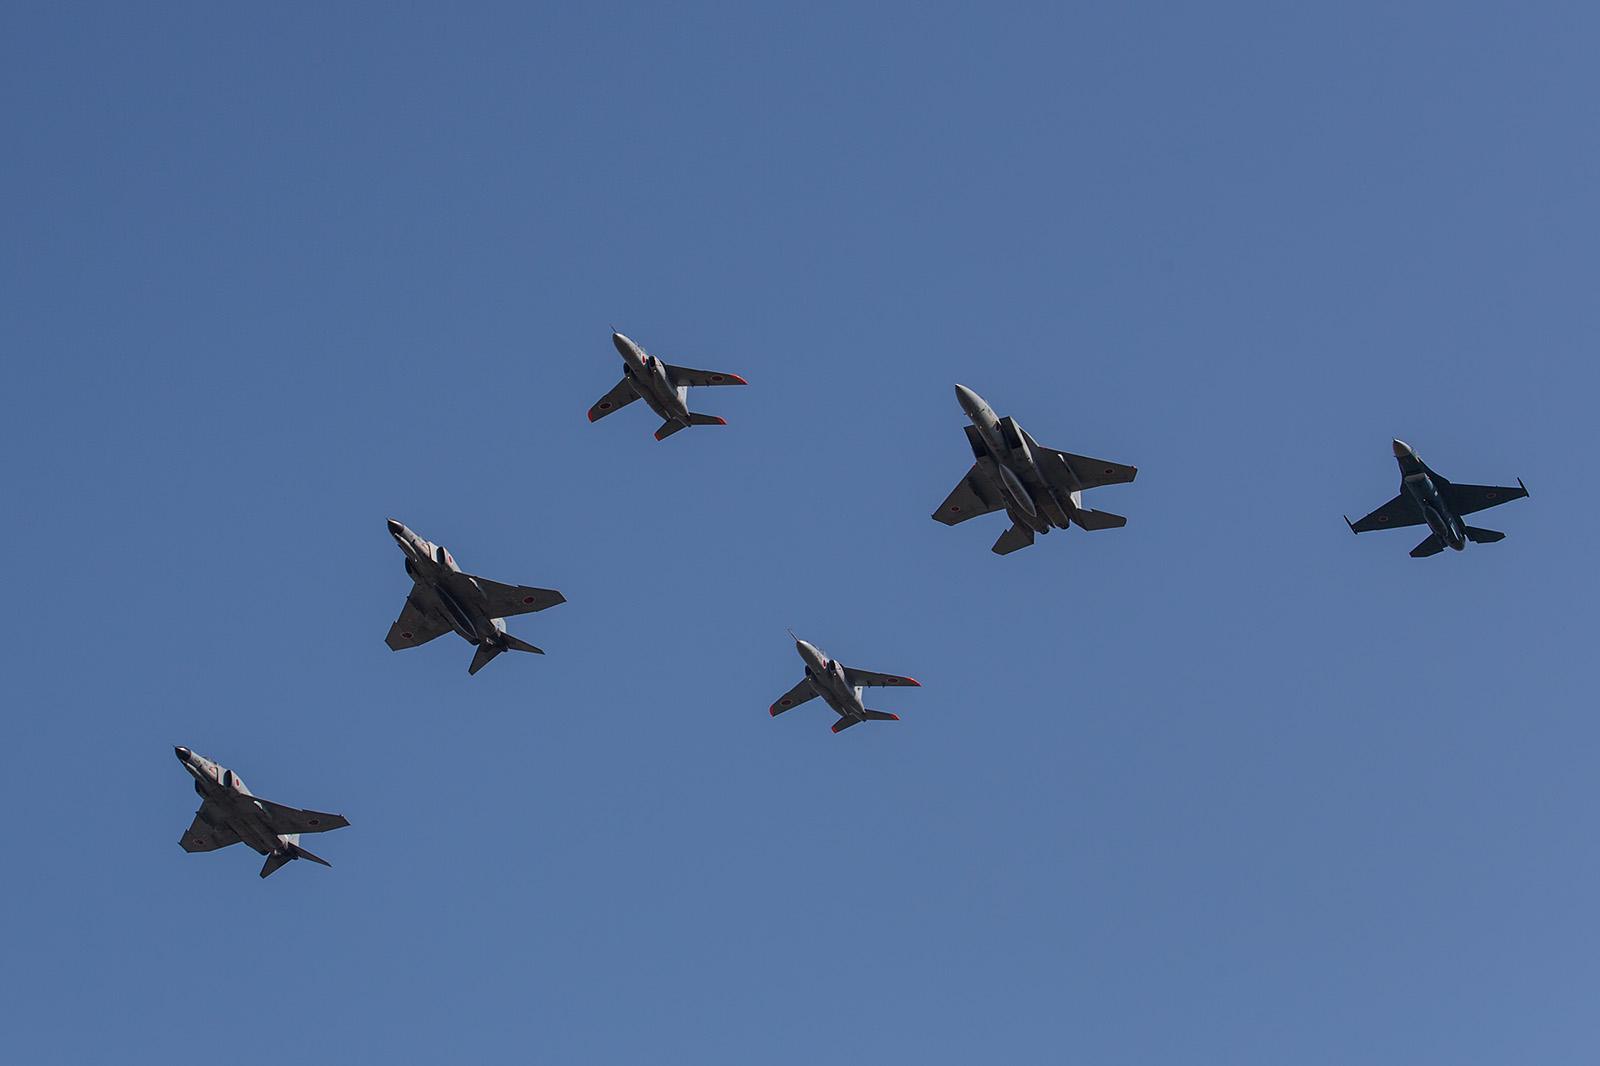 Typisch für die Air Show in Gifu sind die Formationen aus verschiedenen Flugzuegtypen.